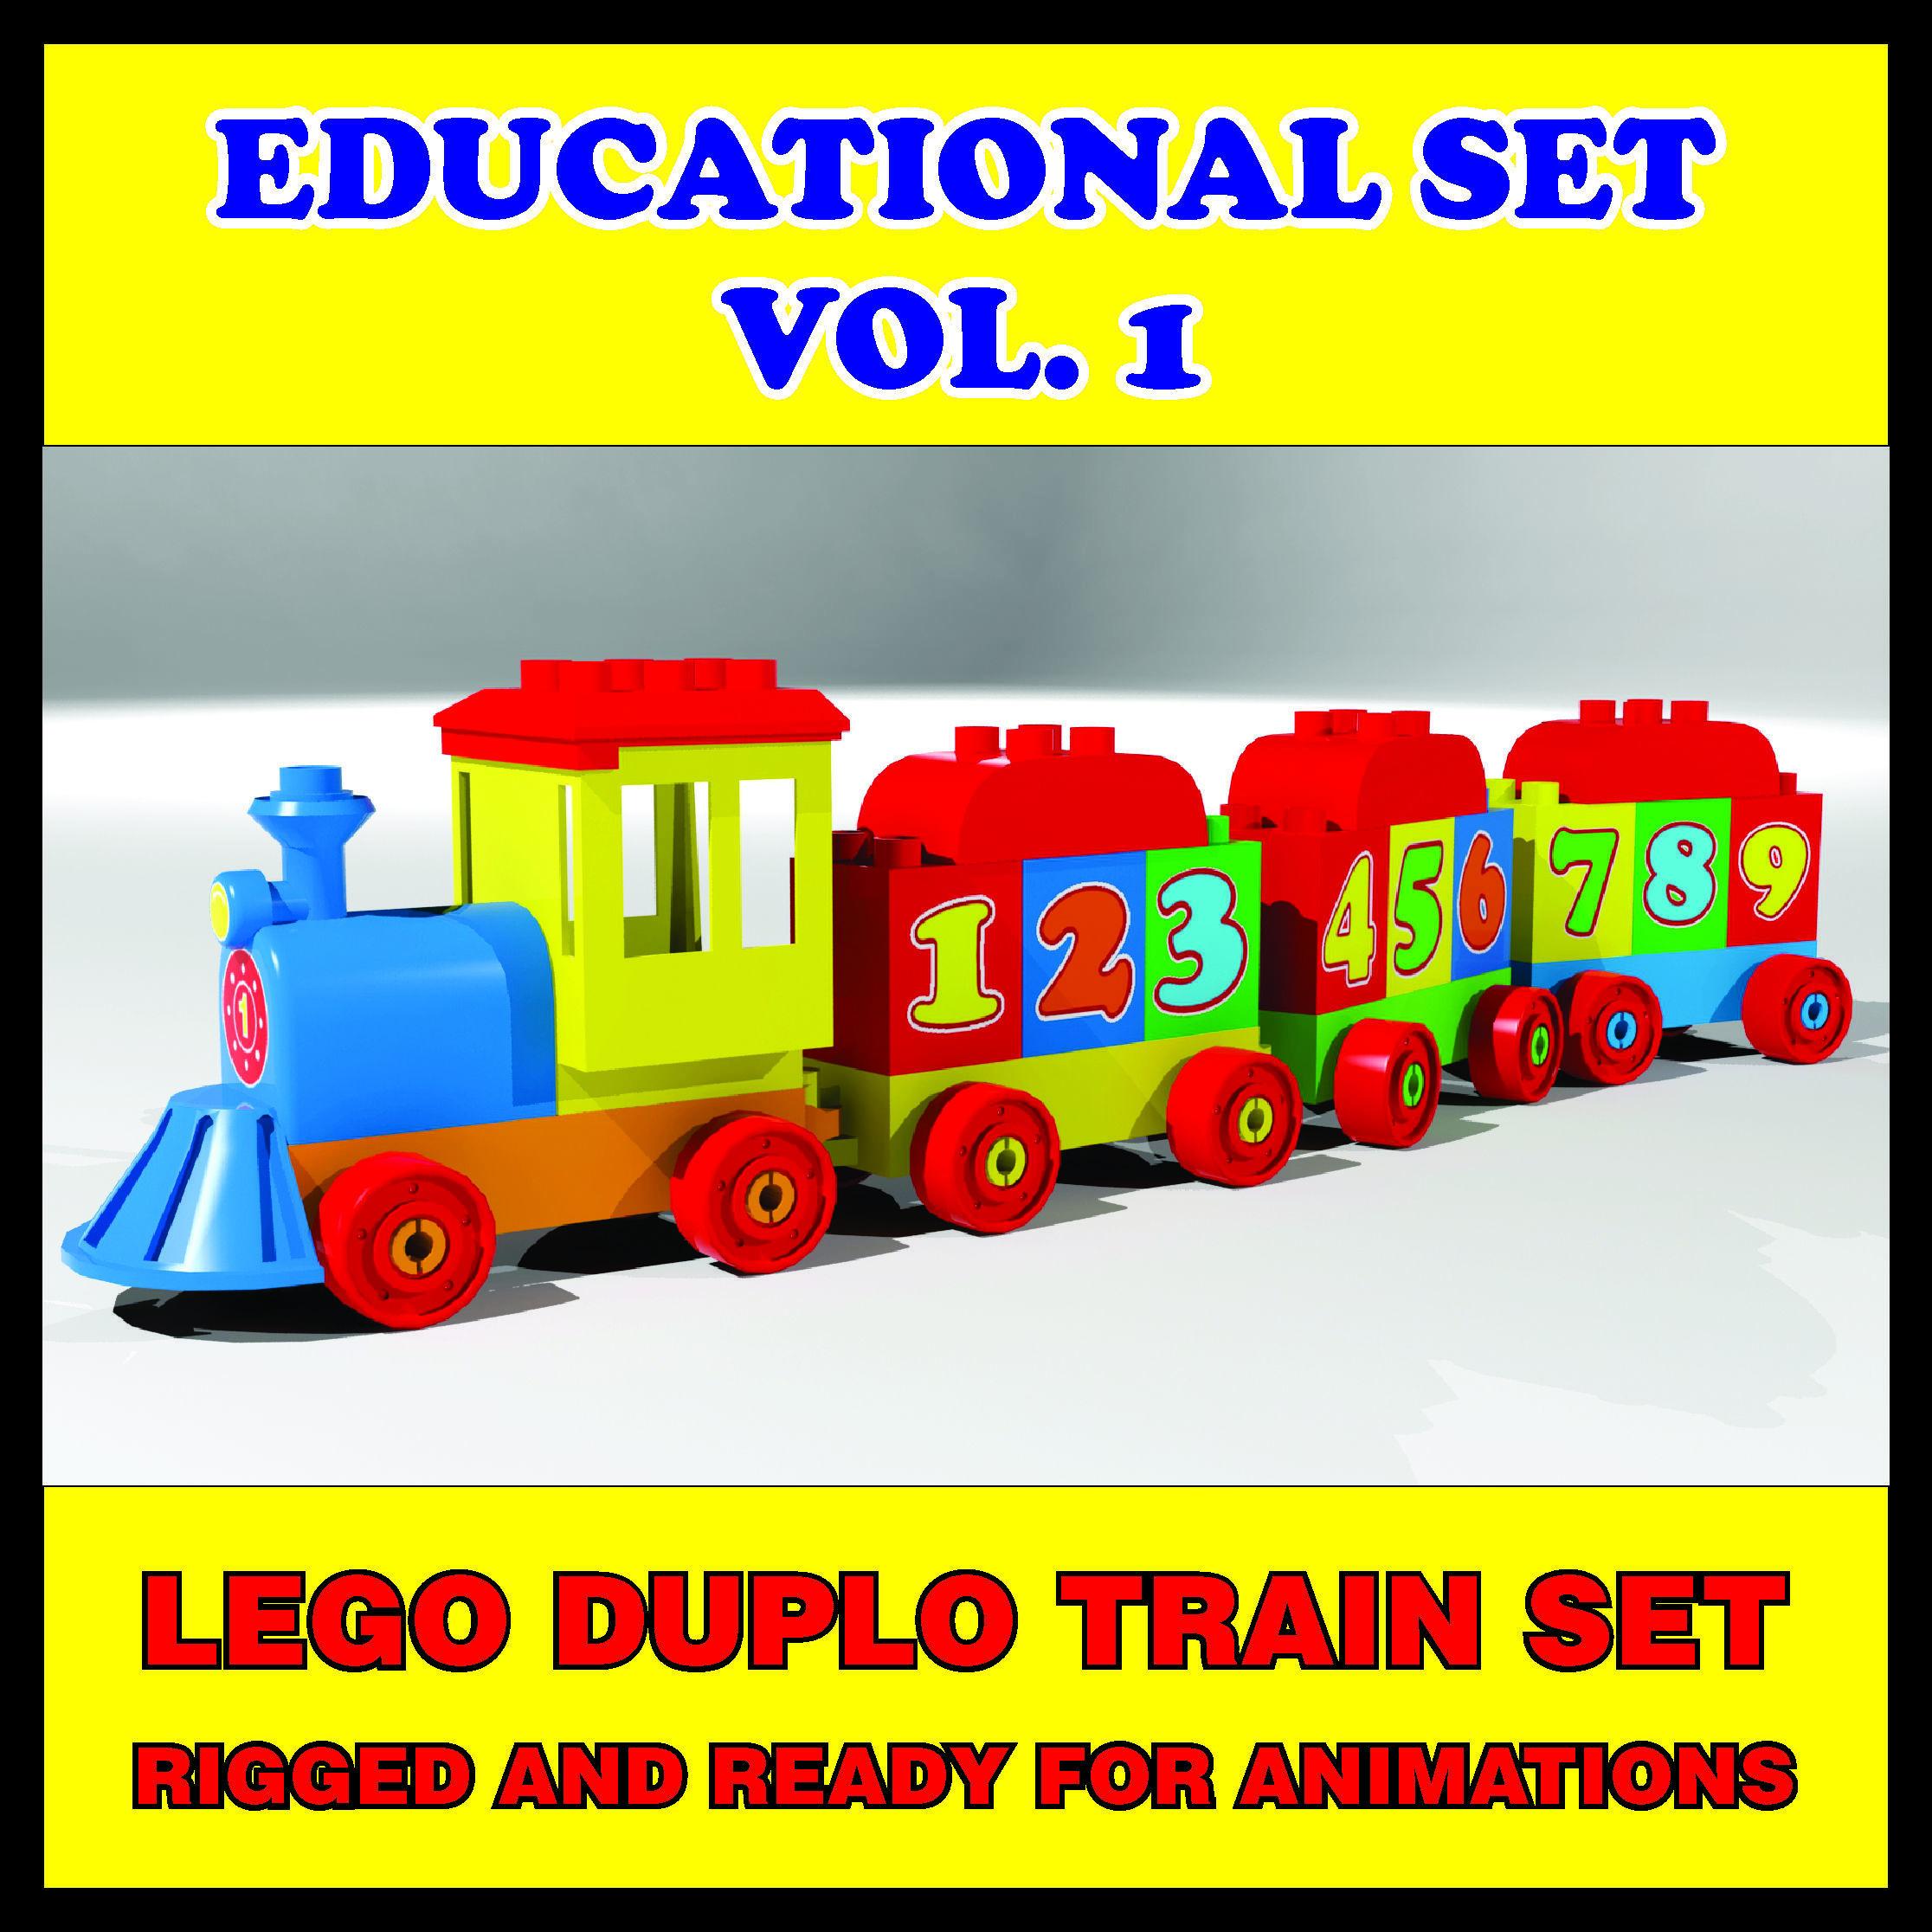 LEGO DUPLO TRAIN HIGH QUALITY 3D